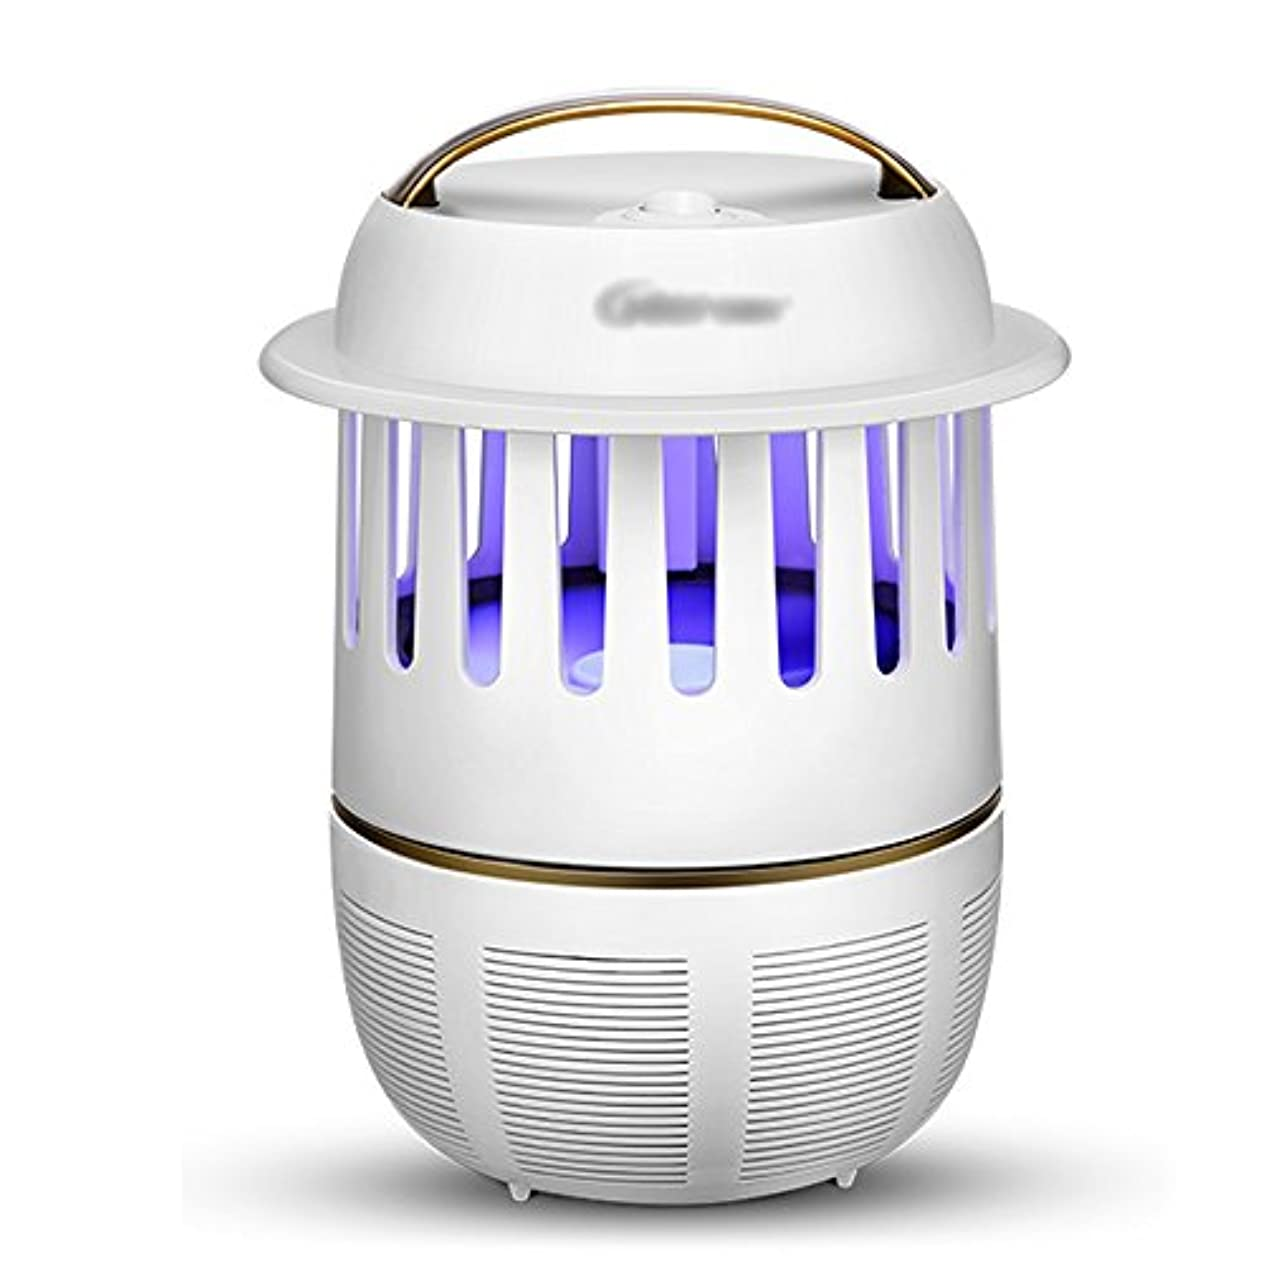 蚊よけランプ 昆虫キラー電子LED蚊キャッチャーUSB光触媒UV蚊のトラップキラー屋内のオフィスのための真空ファンを備えた蚊ランプブラック、ホワイト 防虫灯 (色 : 白)